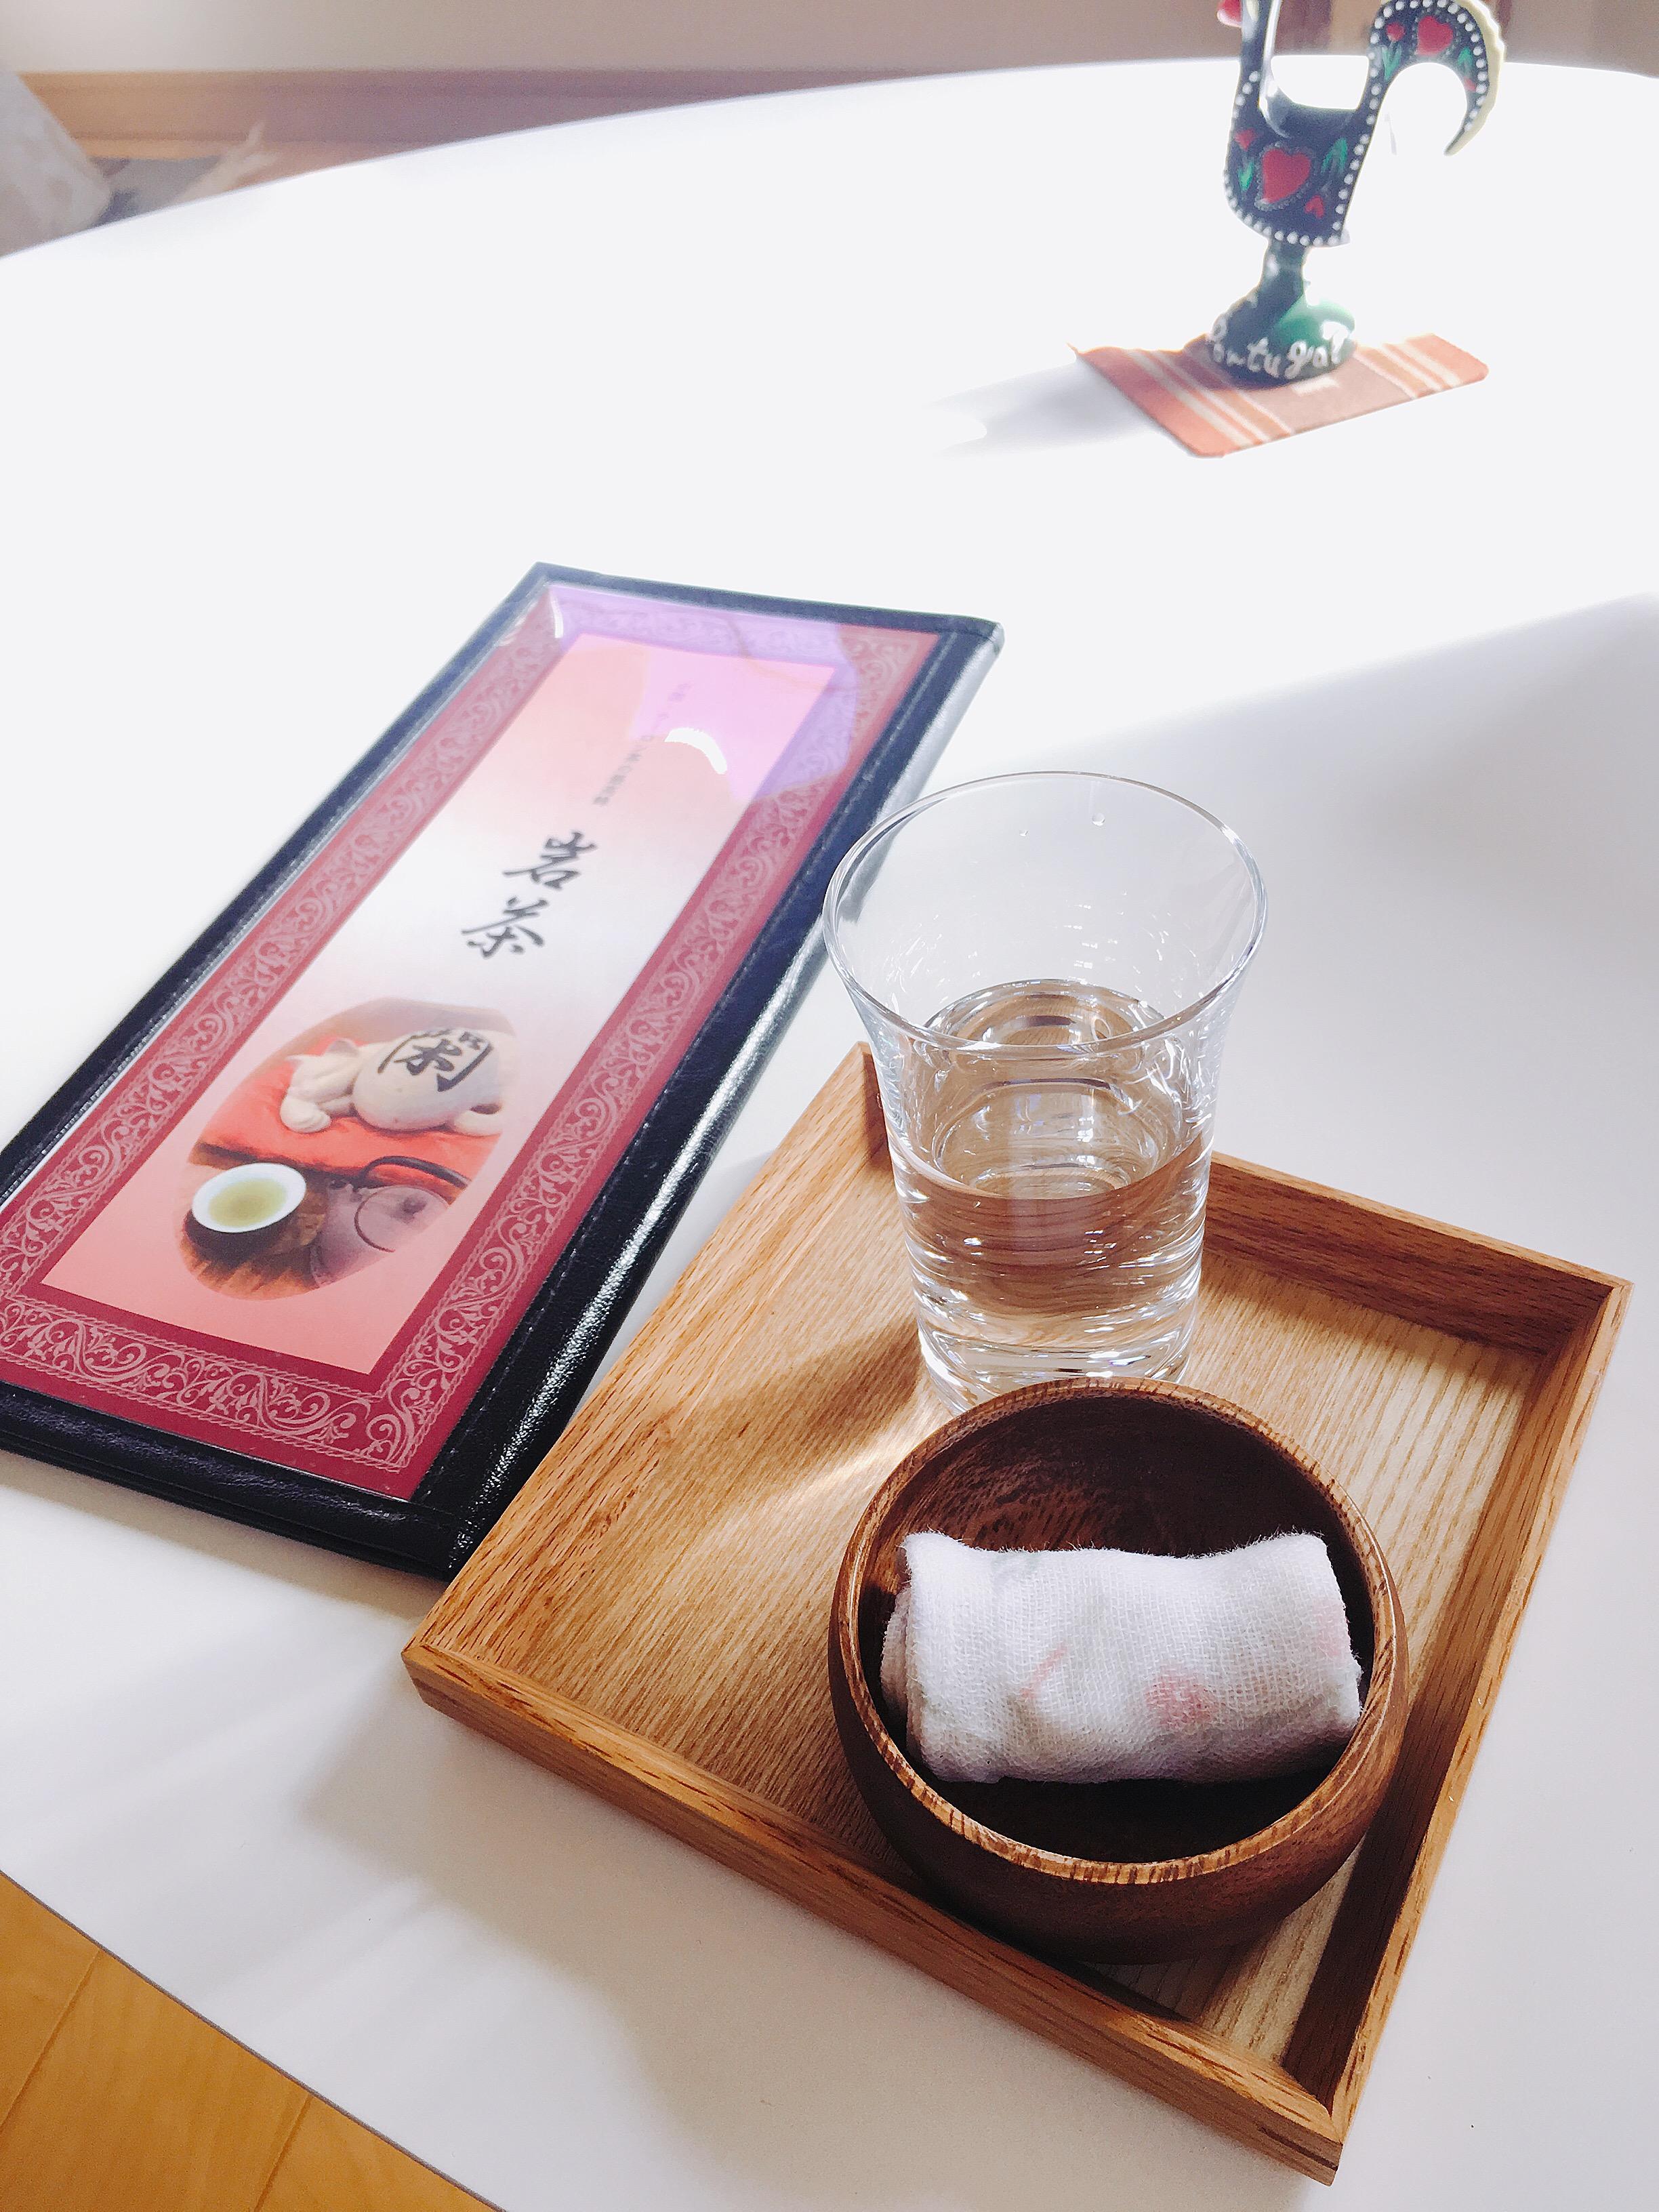 お茶を点てる(たてる) -「茶を点てる」という日本語を英語にすると、- 英語 | 教えて!goo